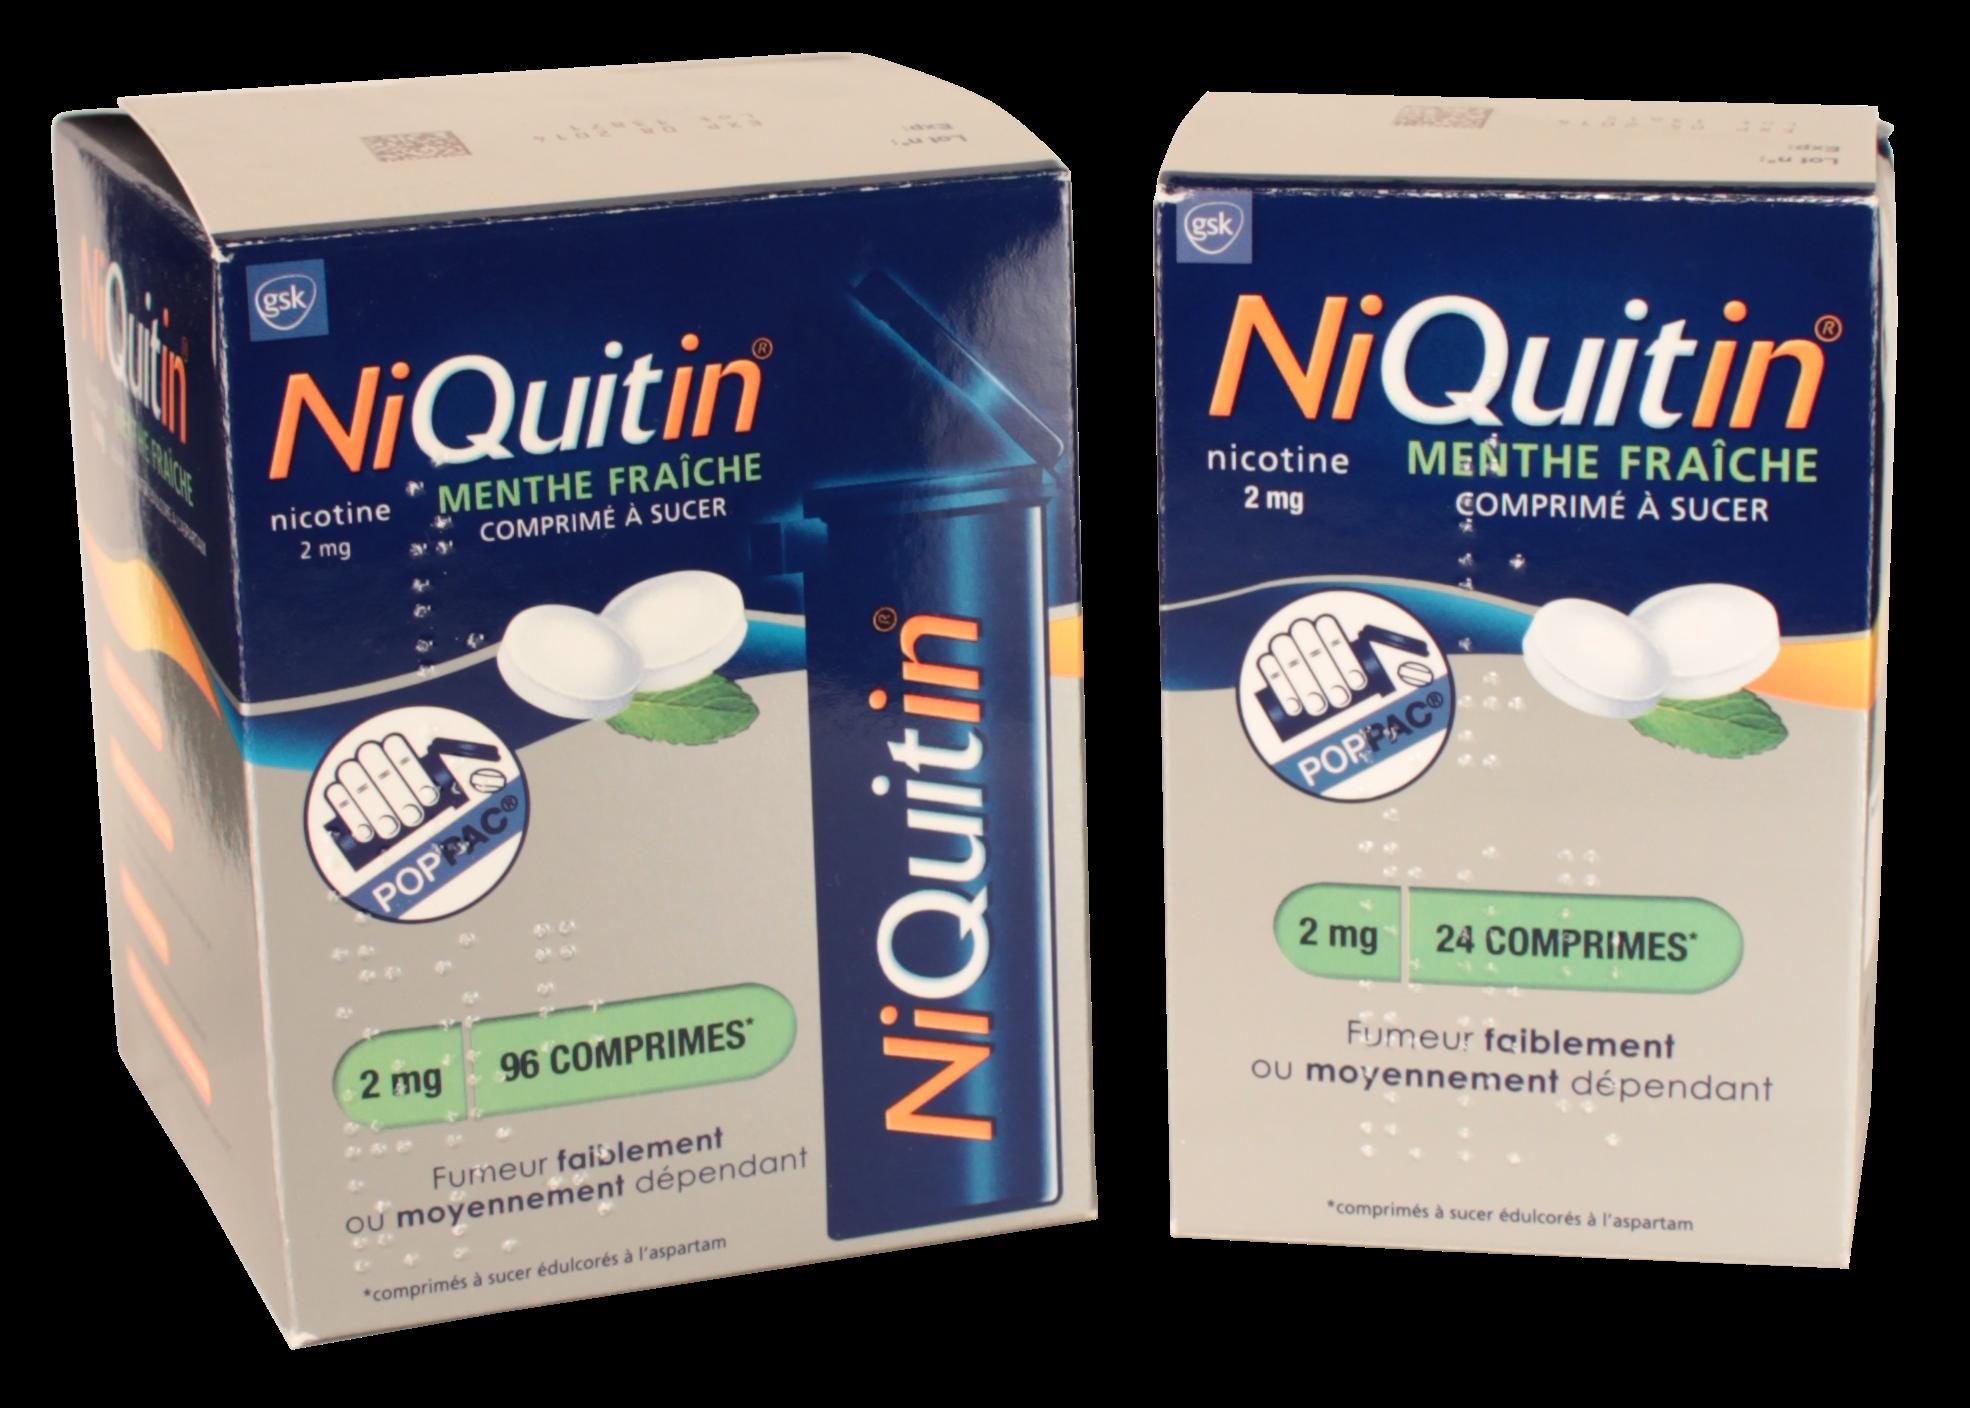 Niquitin pour vous aider à arrêter de fumer